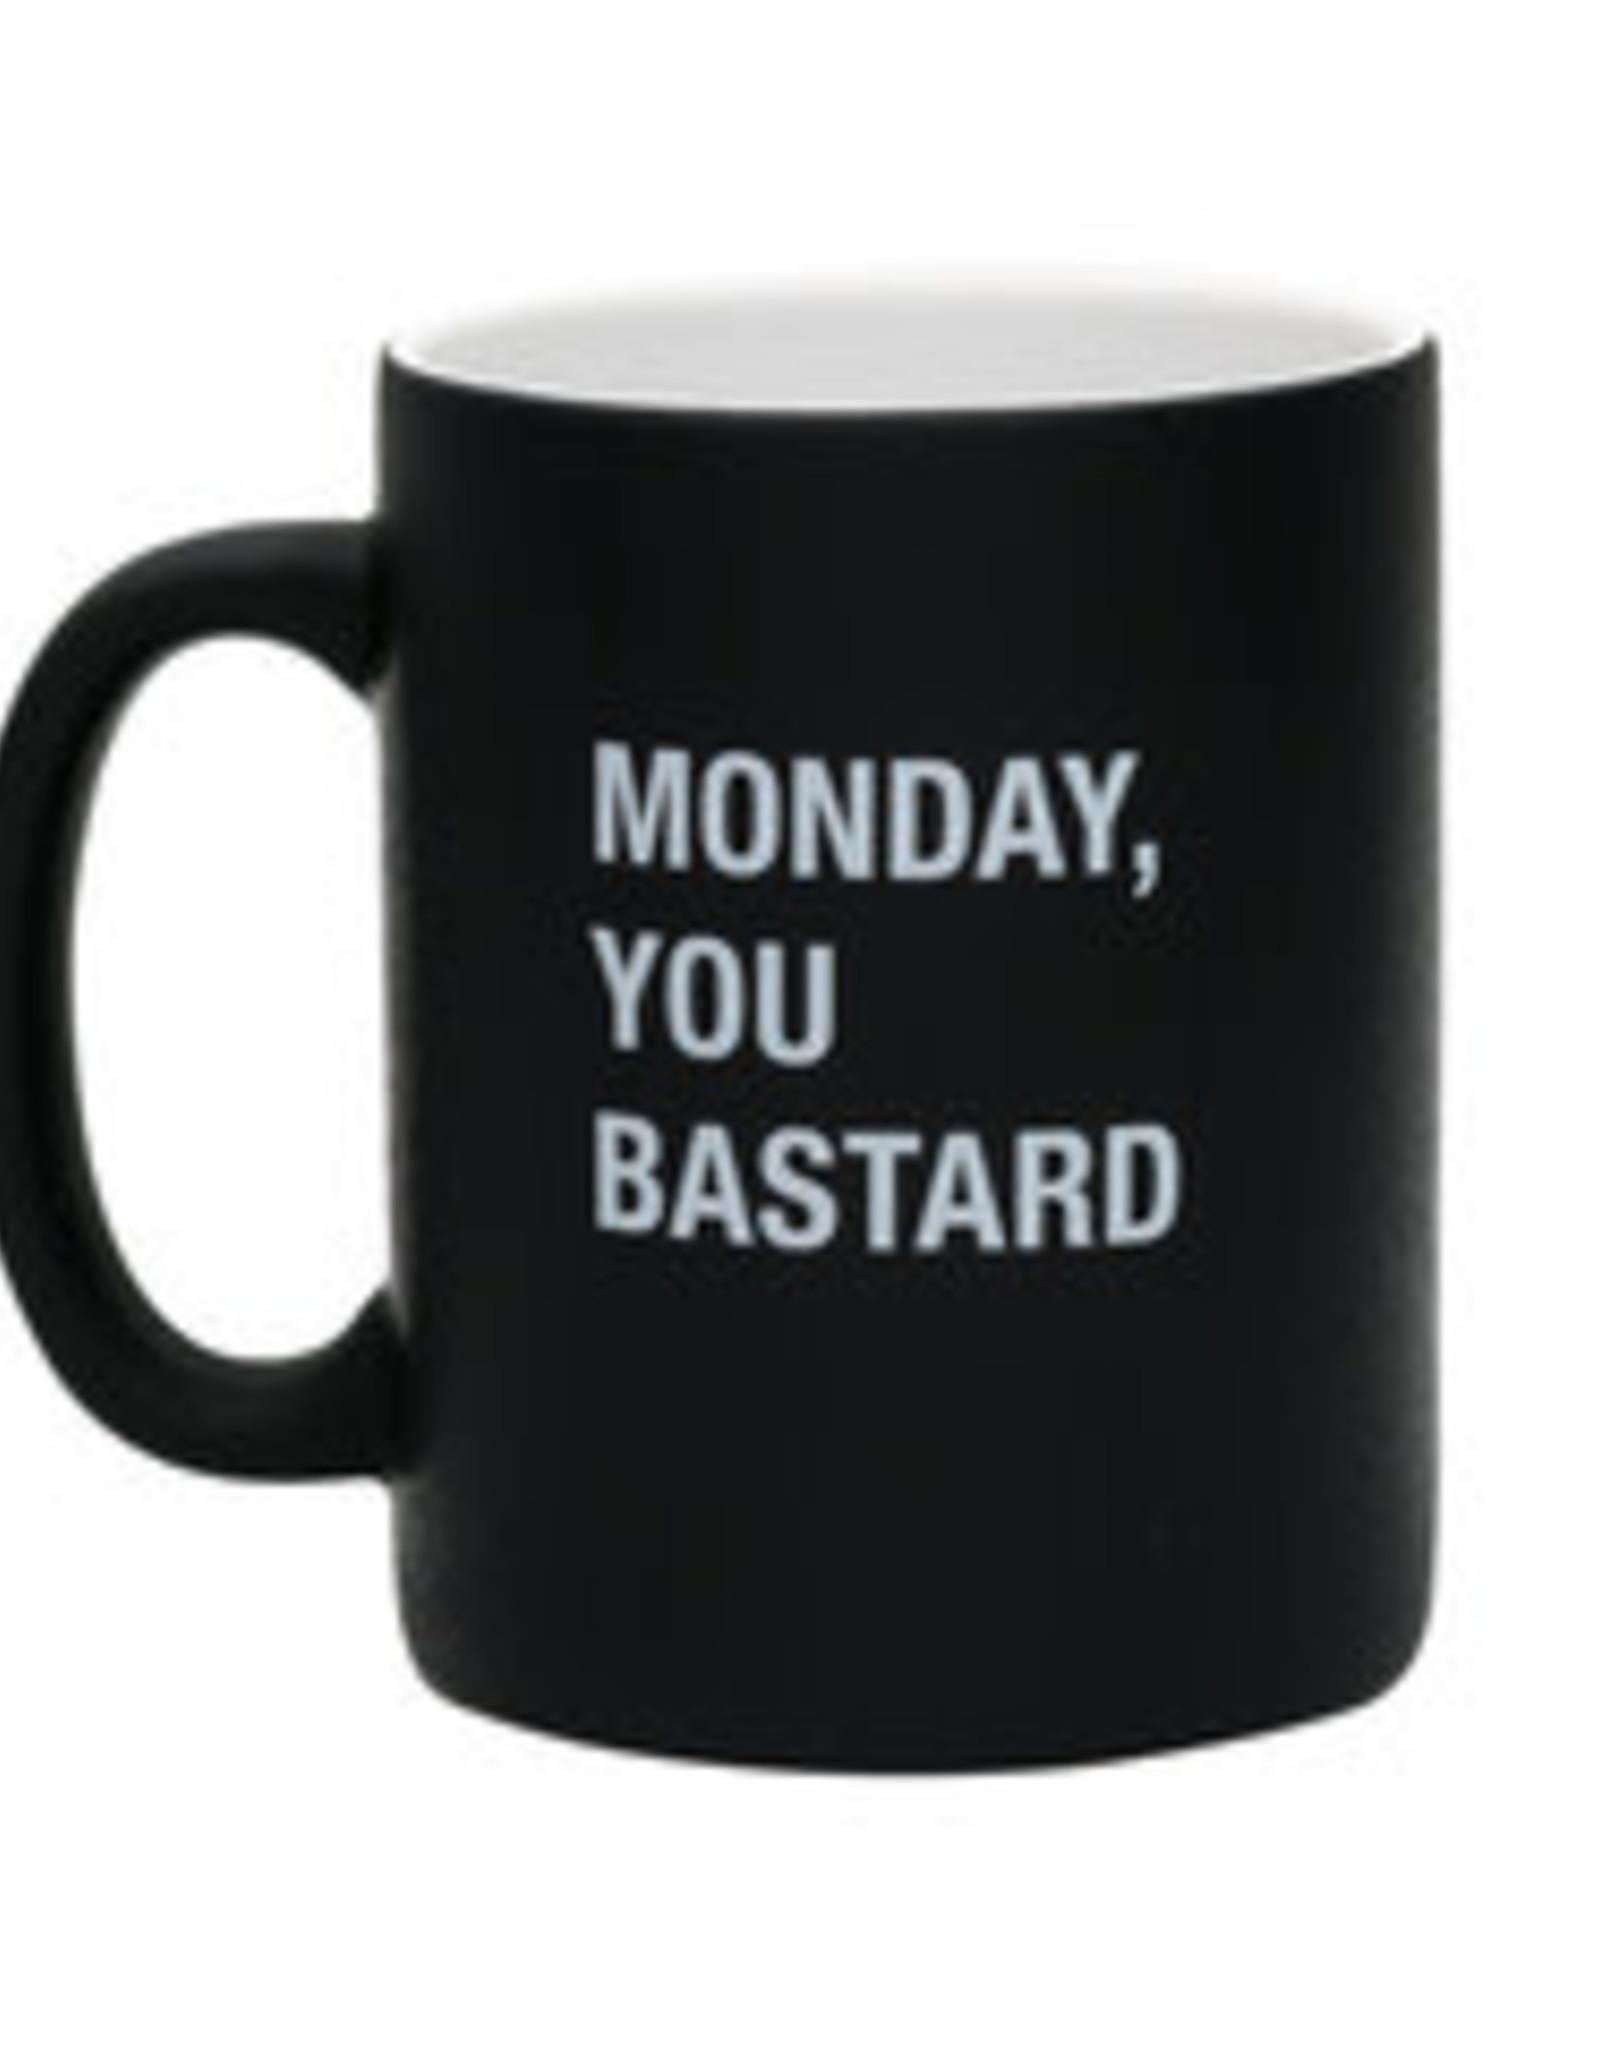 Mug - Monday, You Bastard